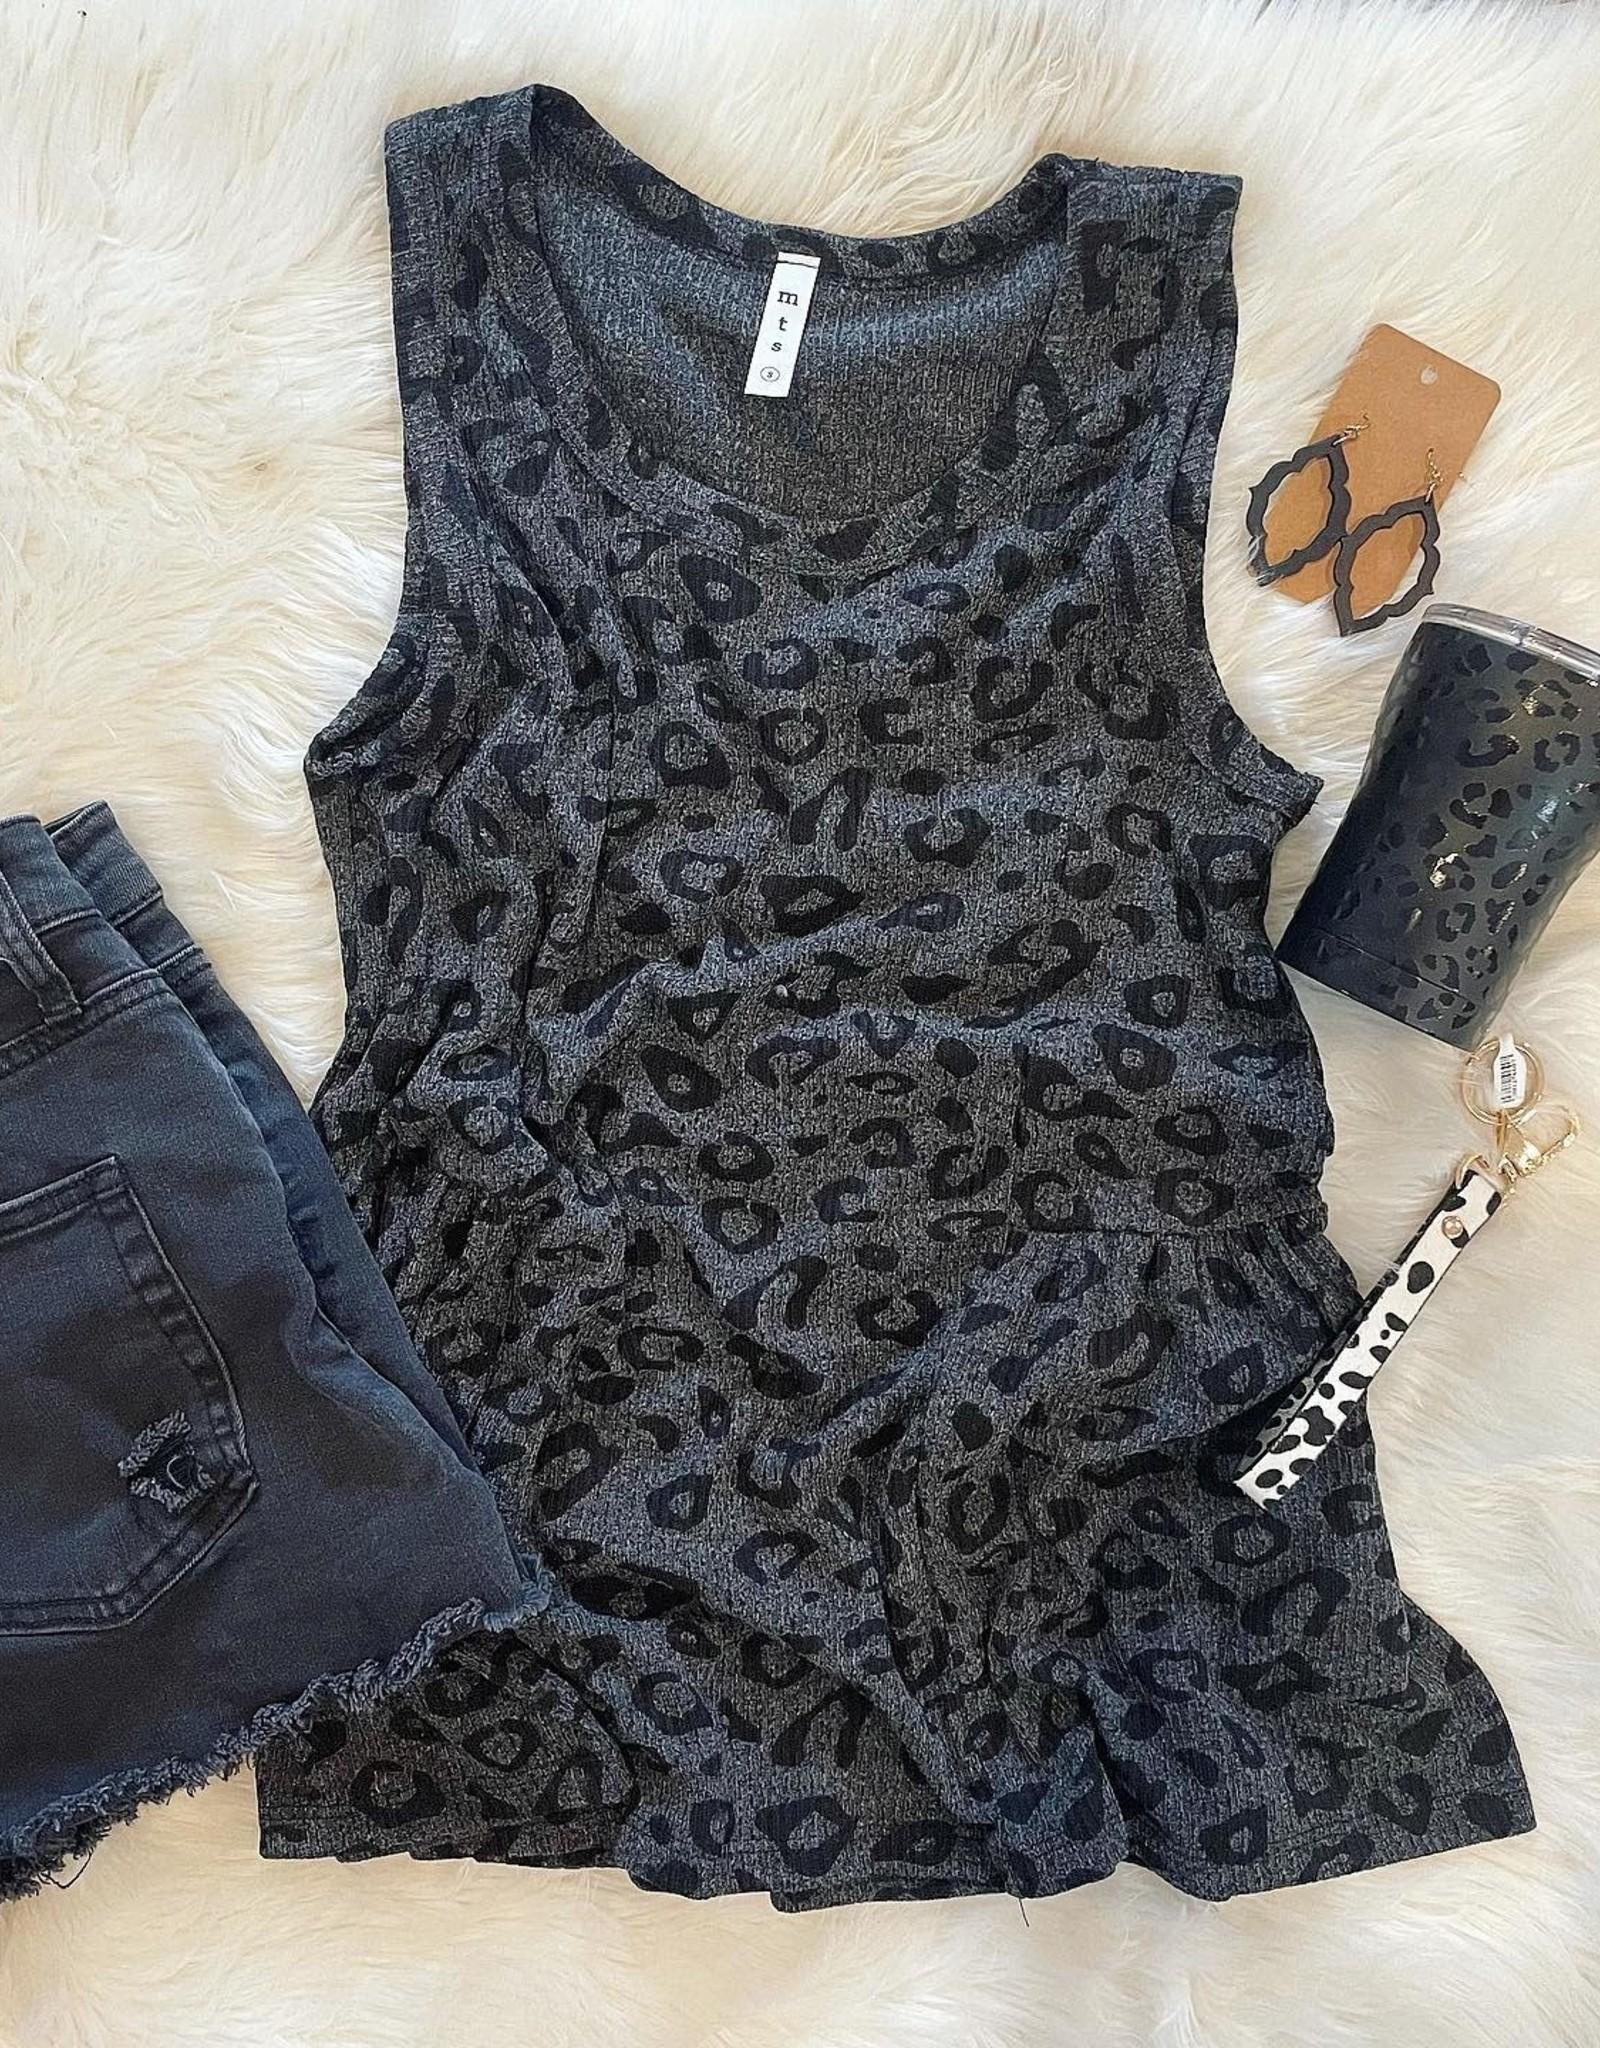 Annabelle Leopard Tank in Black